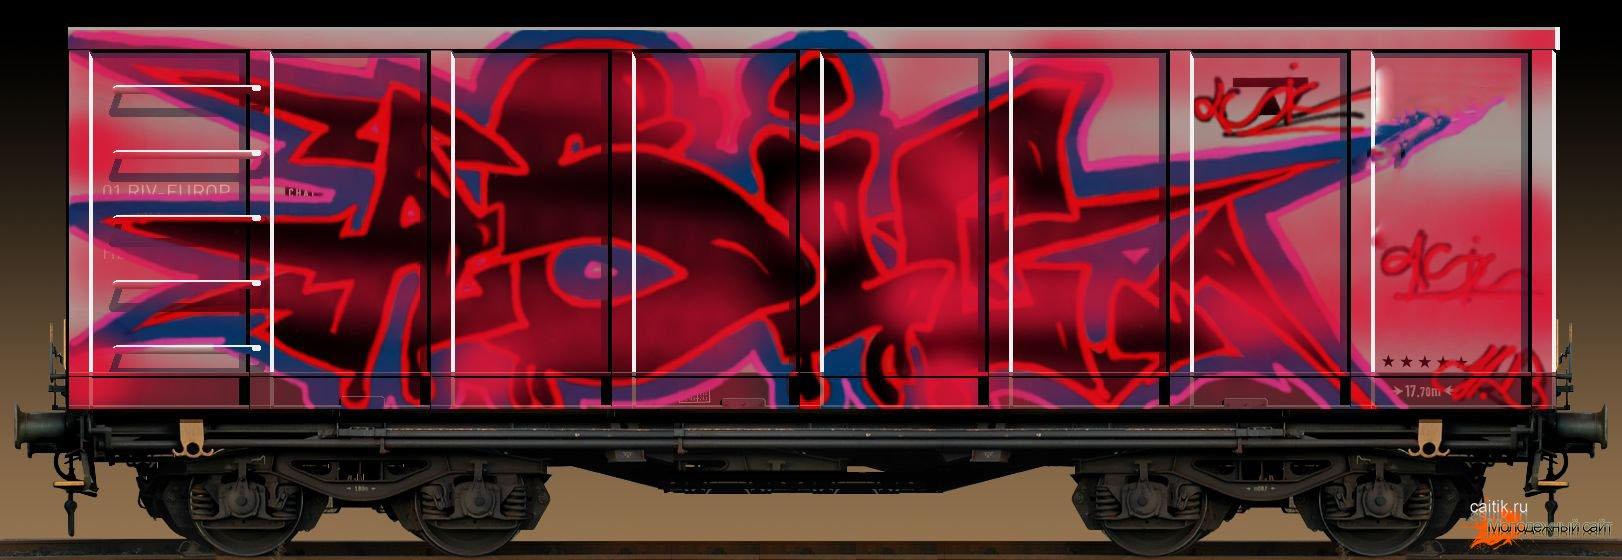 Скачать программу для рисования граффити